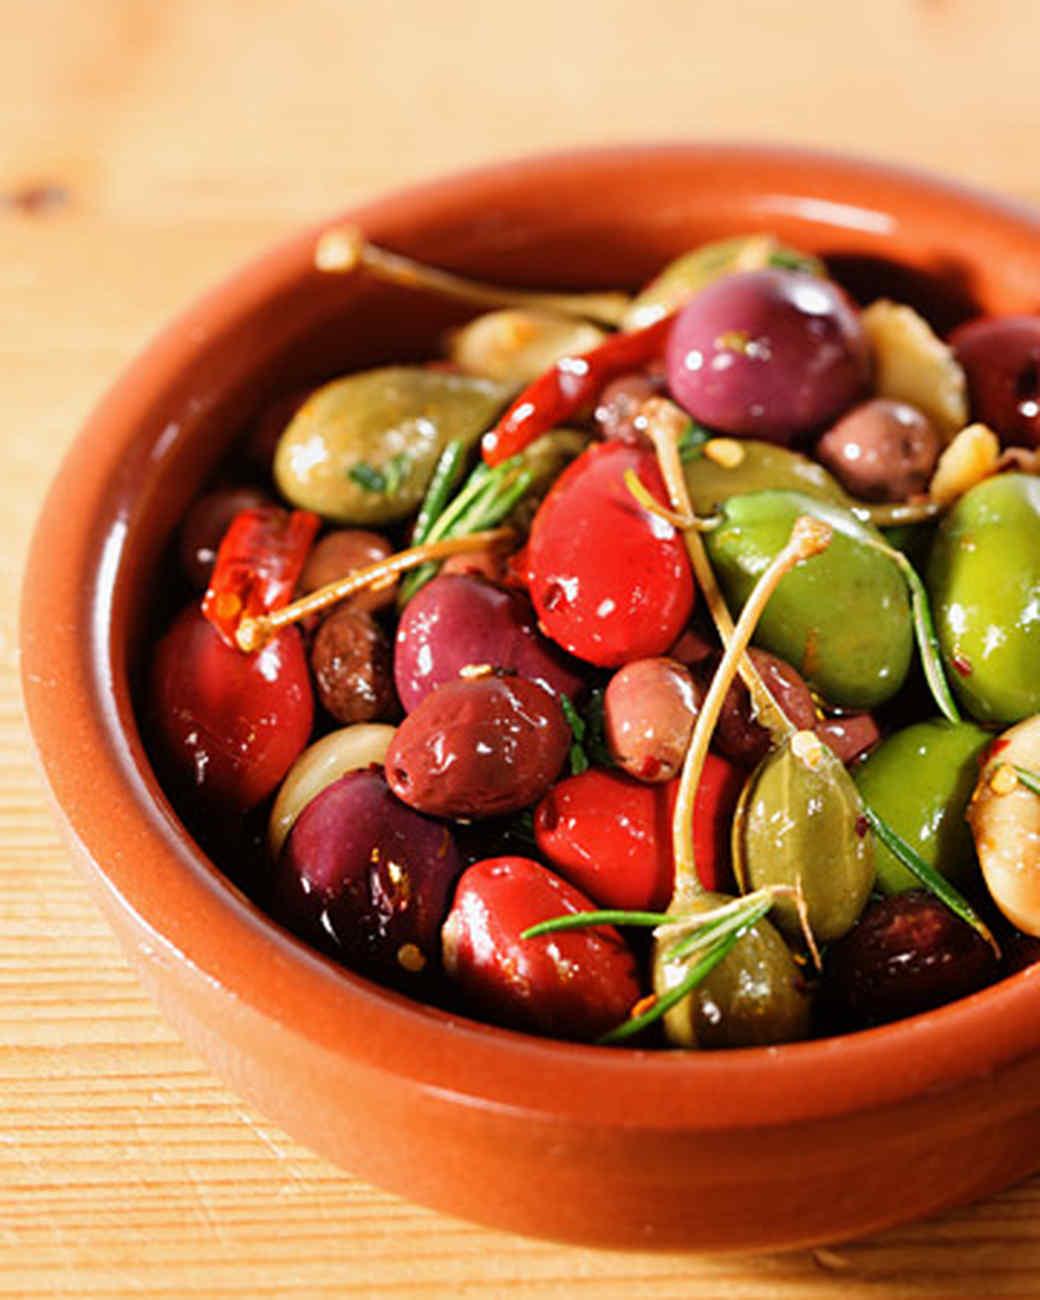 4006_091808_olives.jpg